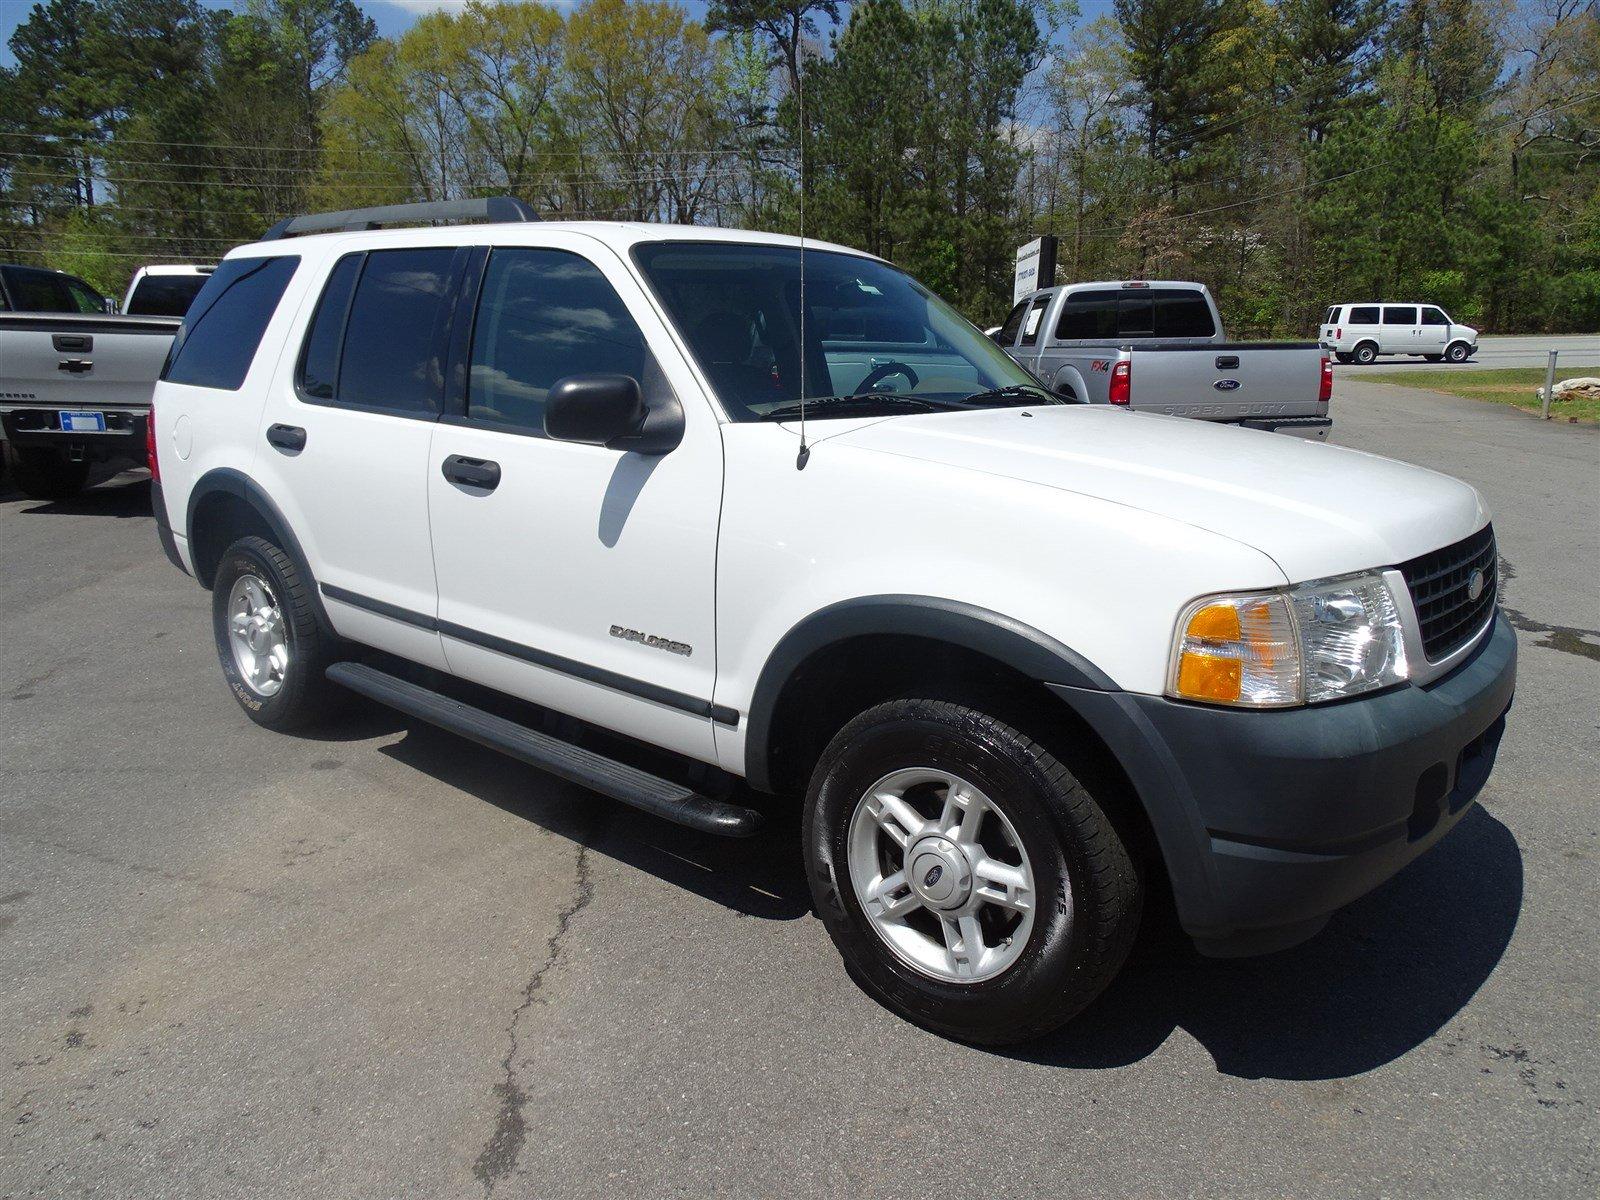 2005 Ford Explorer   154425 miles VIN 1FMZU62K75UA95777 StockNo 12761AA